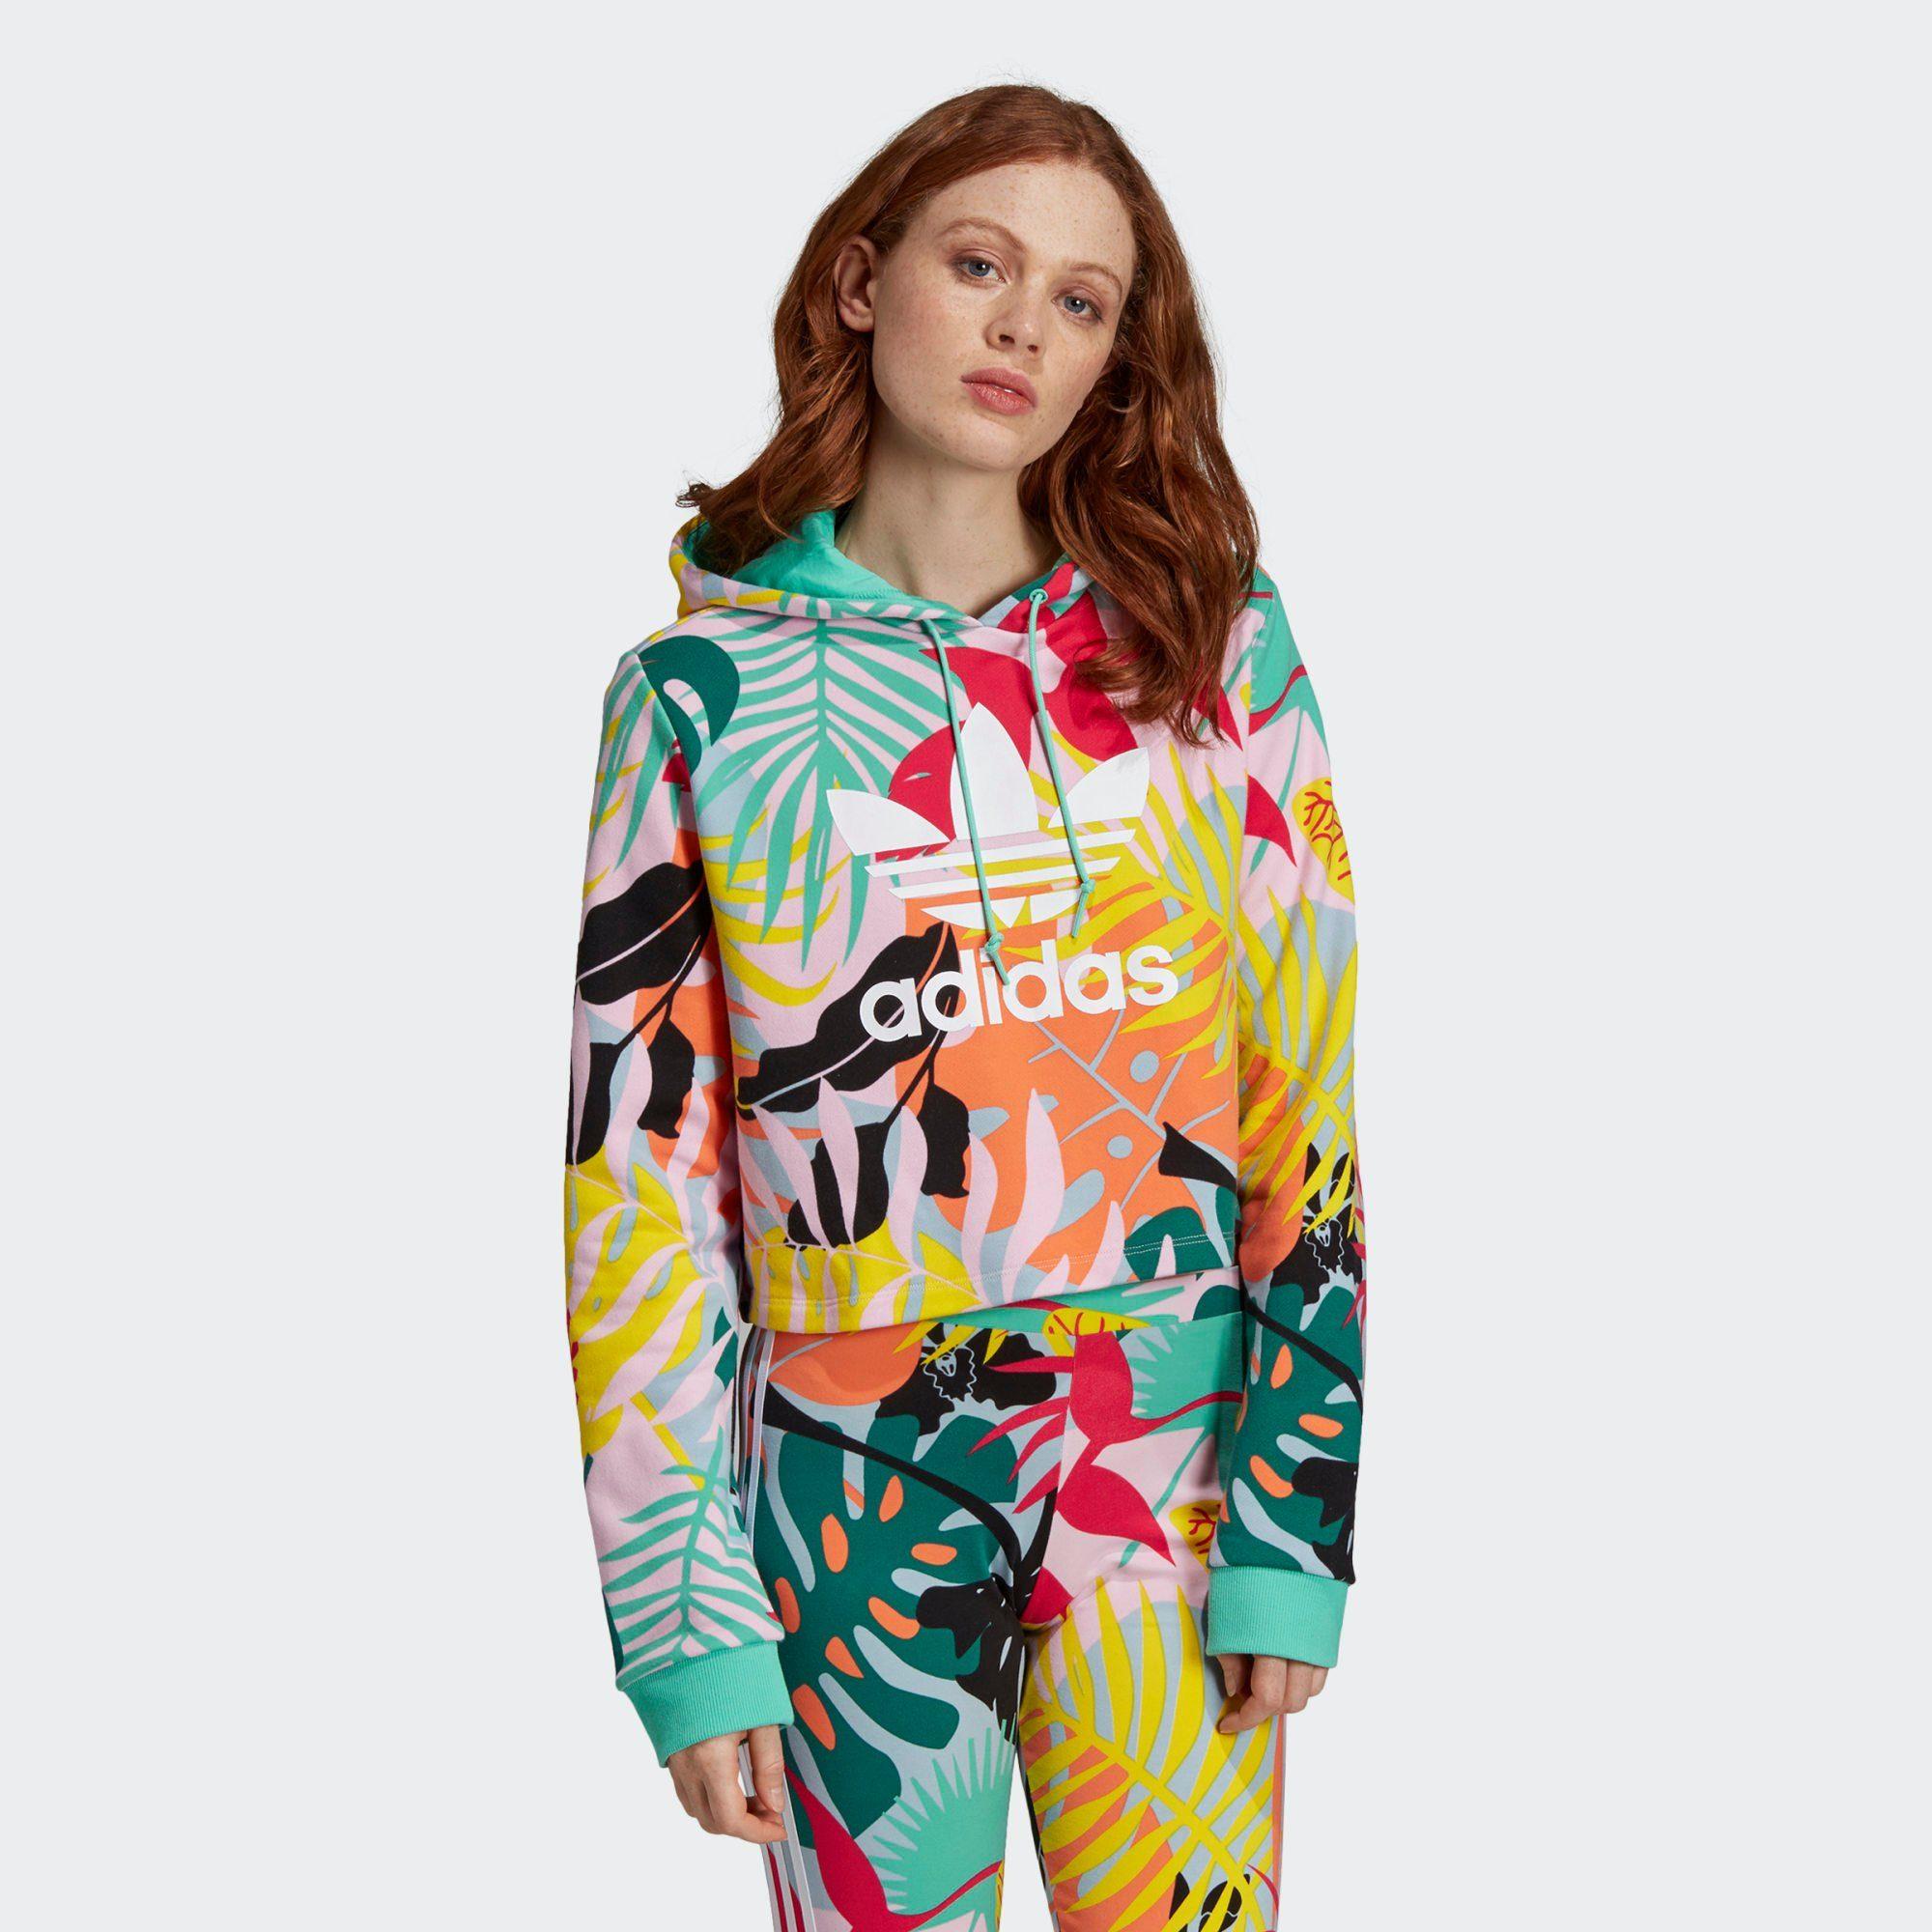 Adidas Originals Cropped Damen Hoodie online kaufen | Keller x